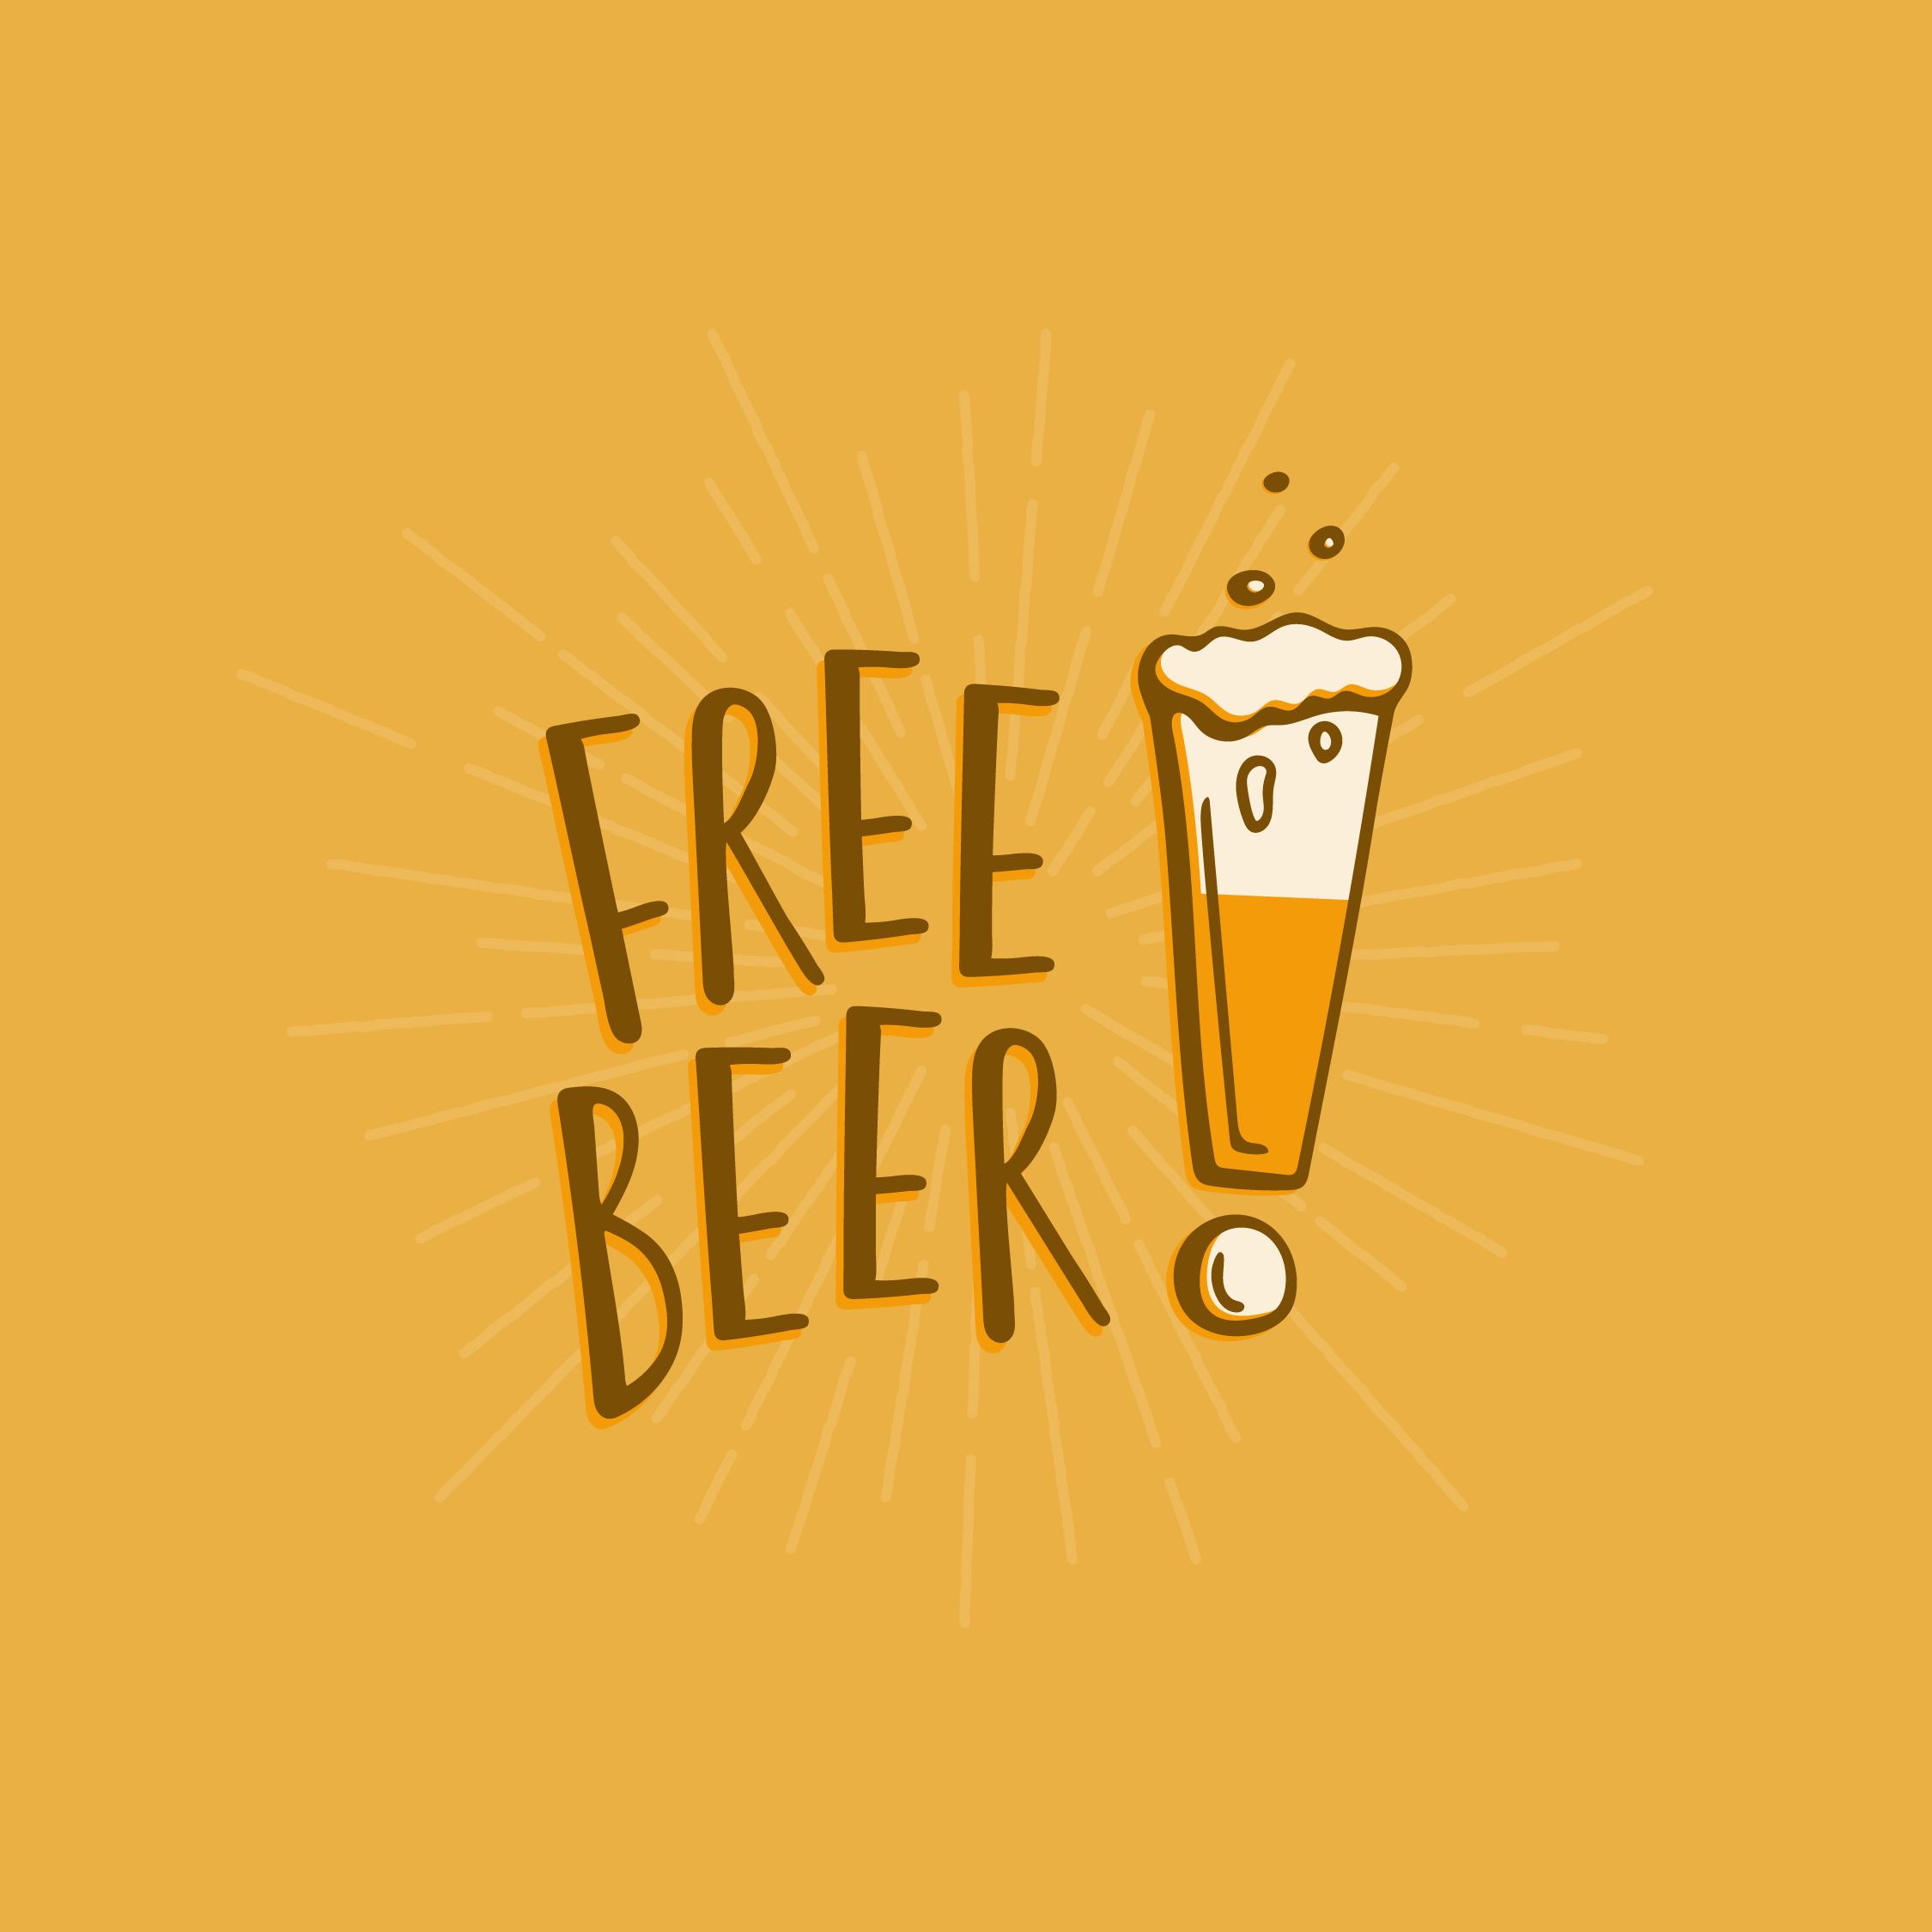 FreeBeer-01.png